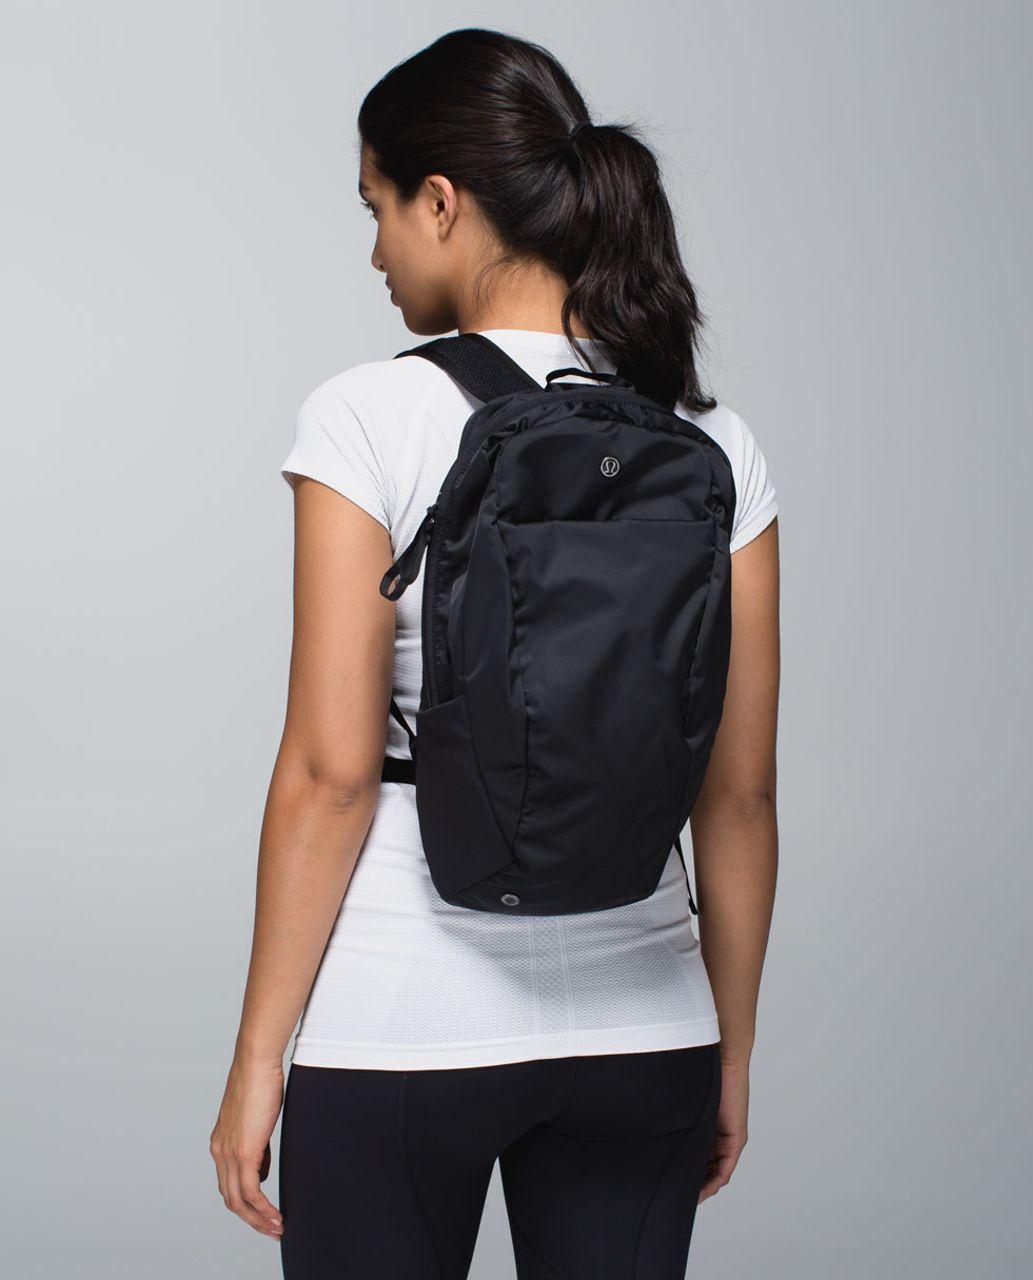 Lululemon Run From Work Backpack - Black